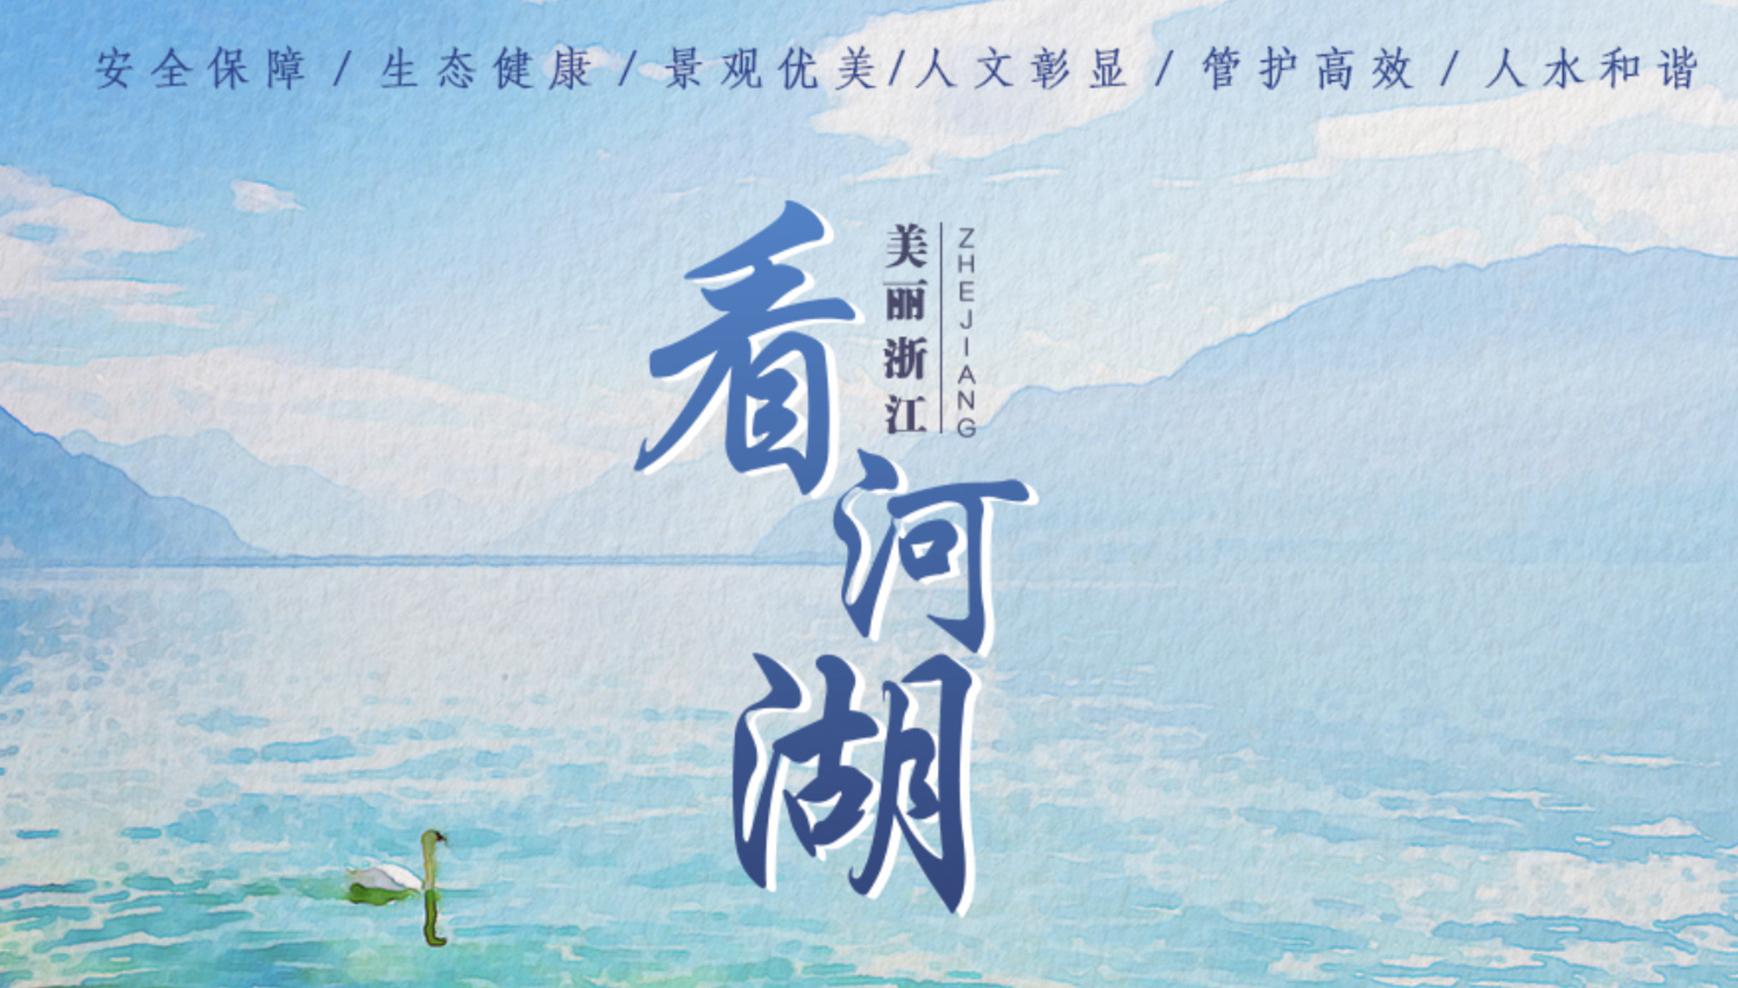 美丽浙江看河湖(丽水篇)